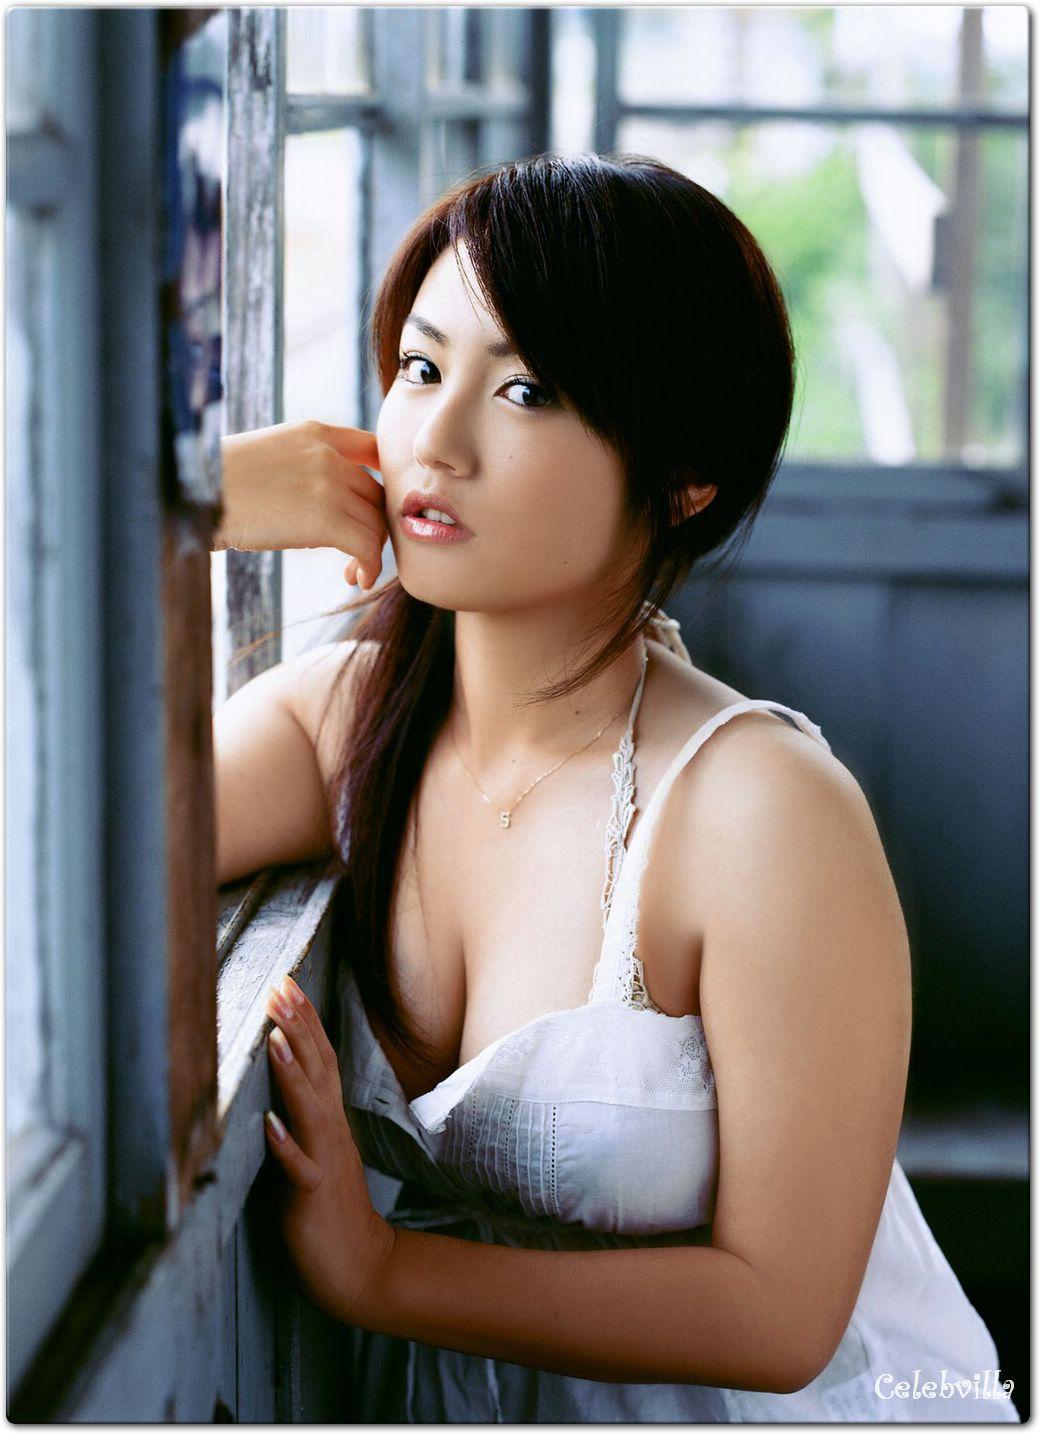 Sayaka Isoyama Nude Photos 19